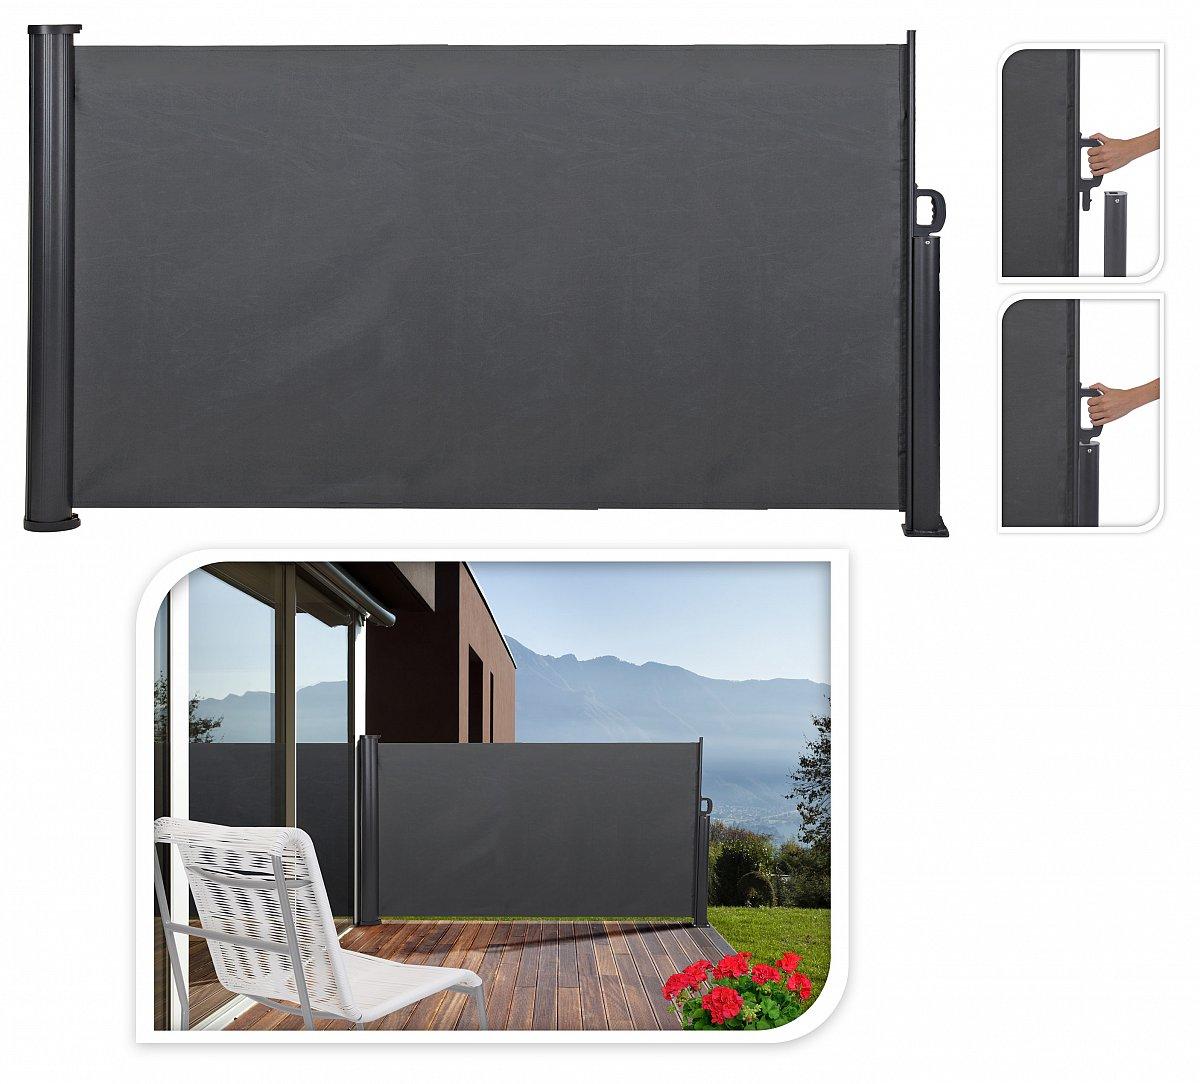 sichtschutz seitenmarkise windschutz sonnenschutz markise seitenwand f590 ebay. Black Bedroom Furniture Sets. Home Design Ideas